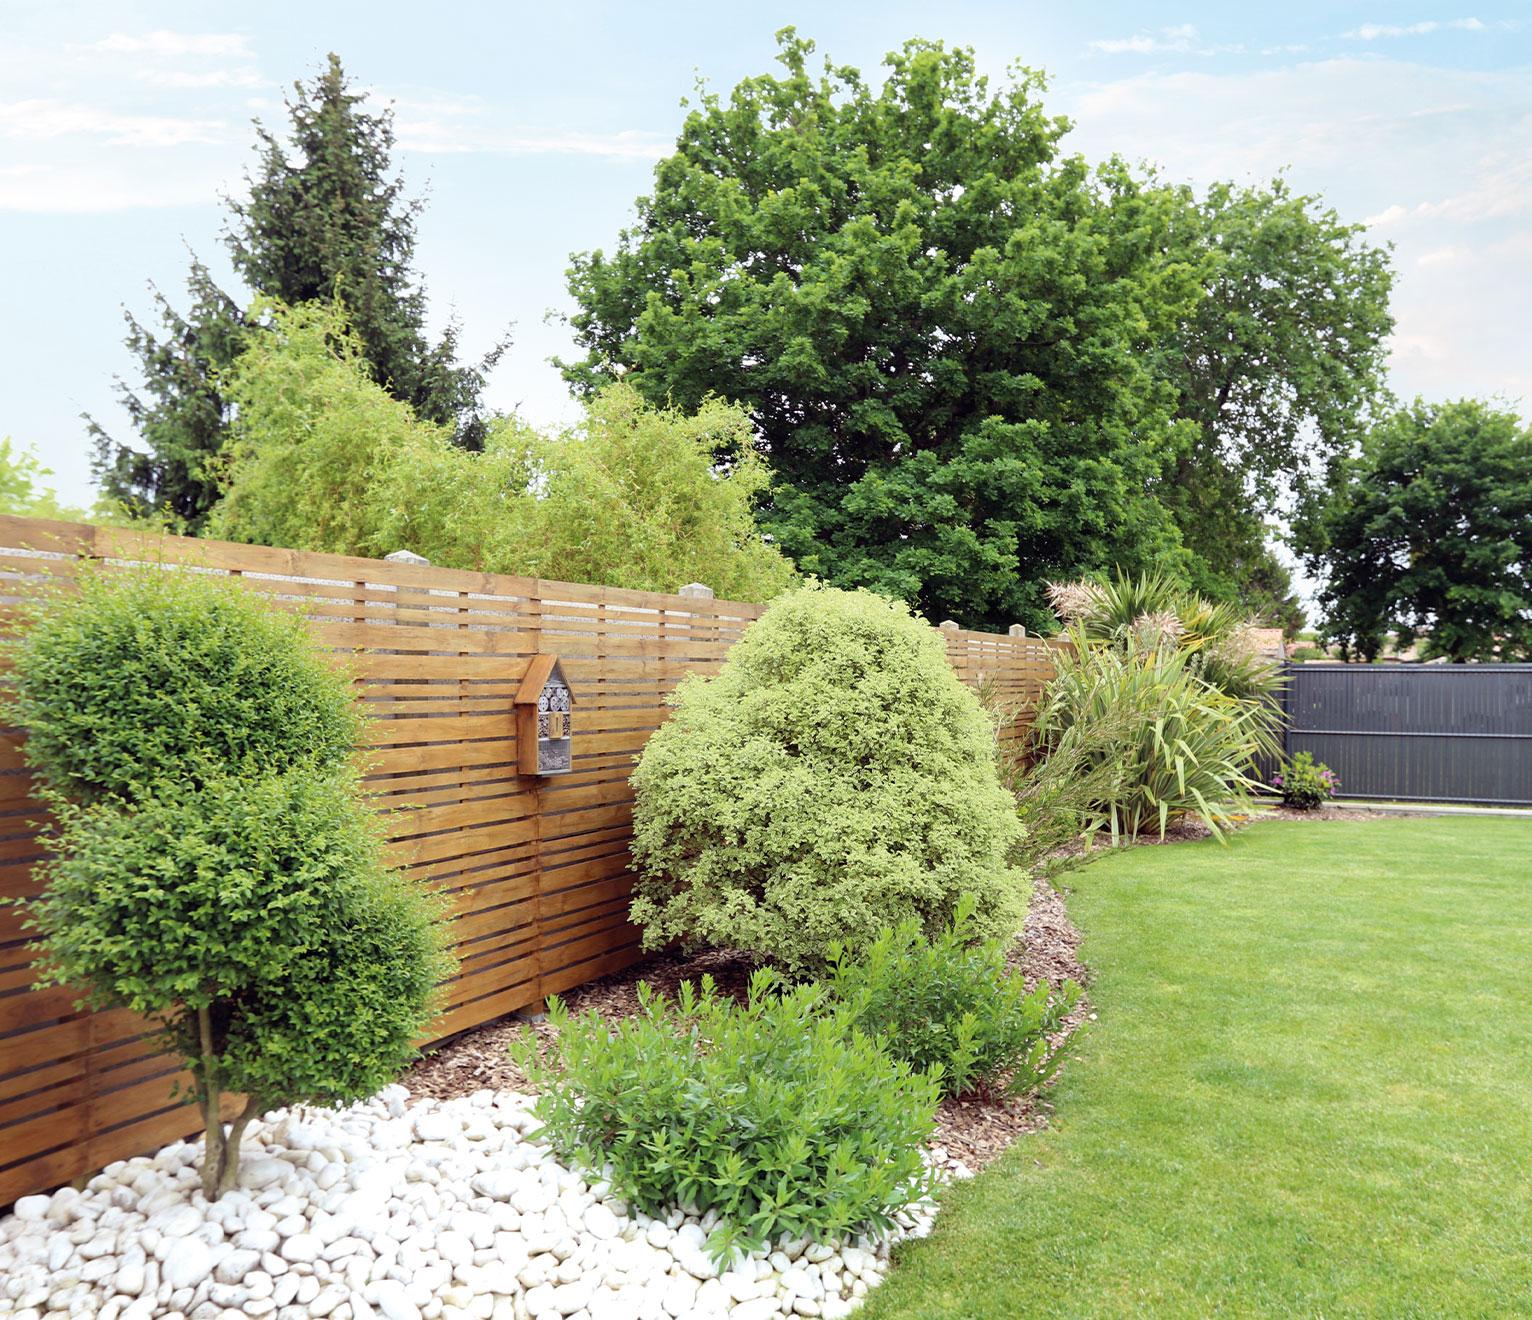 Créer Un Jardin Zen - Quel Constructeur Choisir intérieur Creer Un Petit Jardin Zen